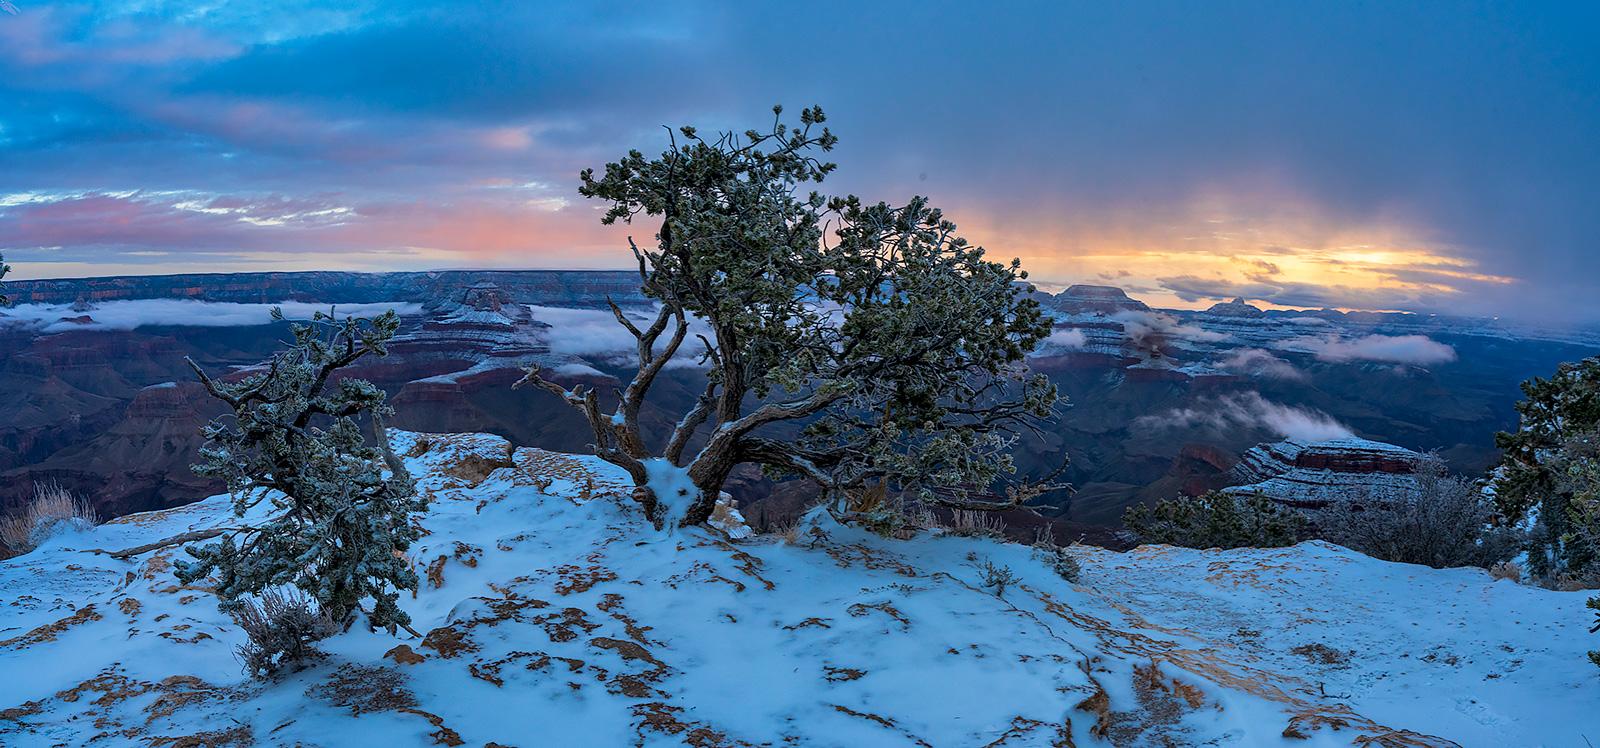 Yaki Point winter sunrise.